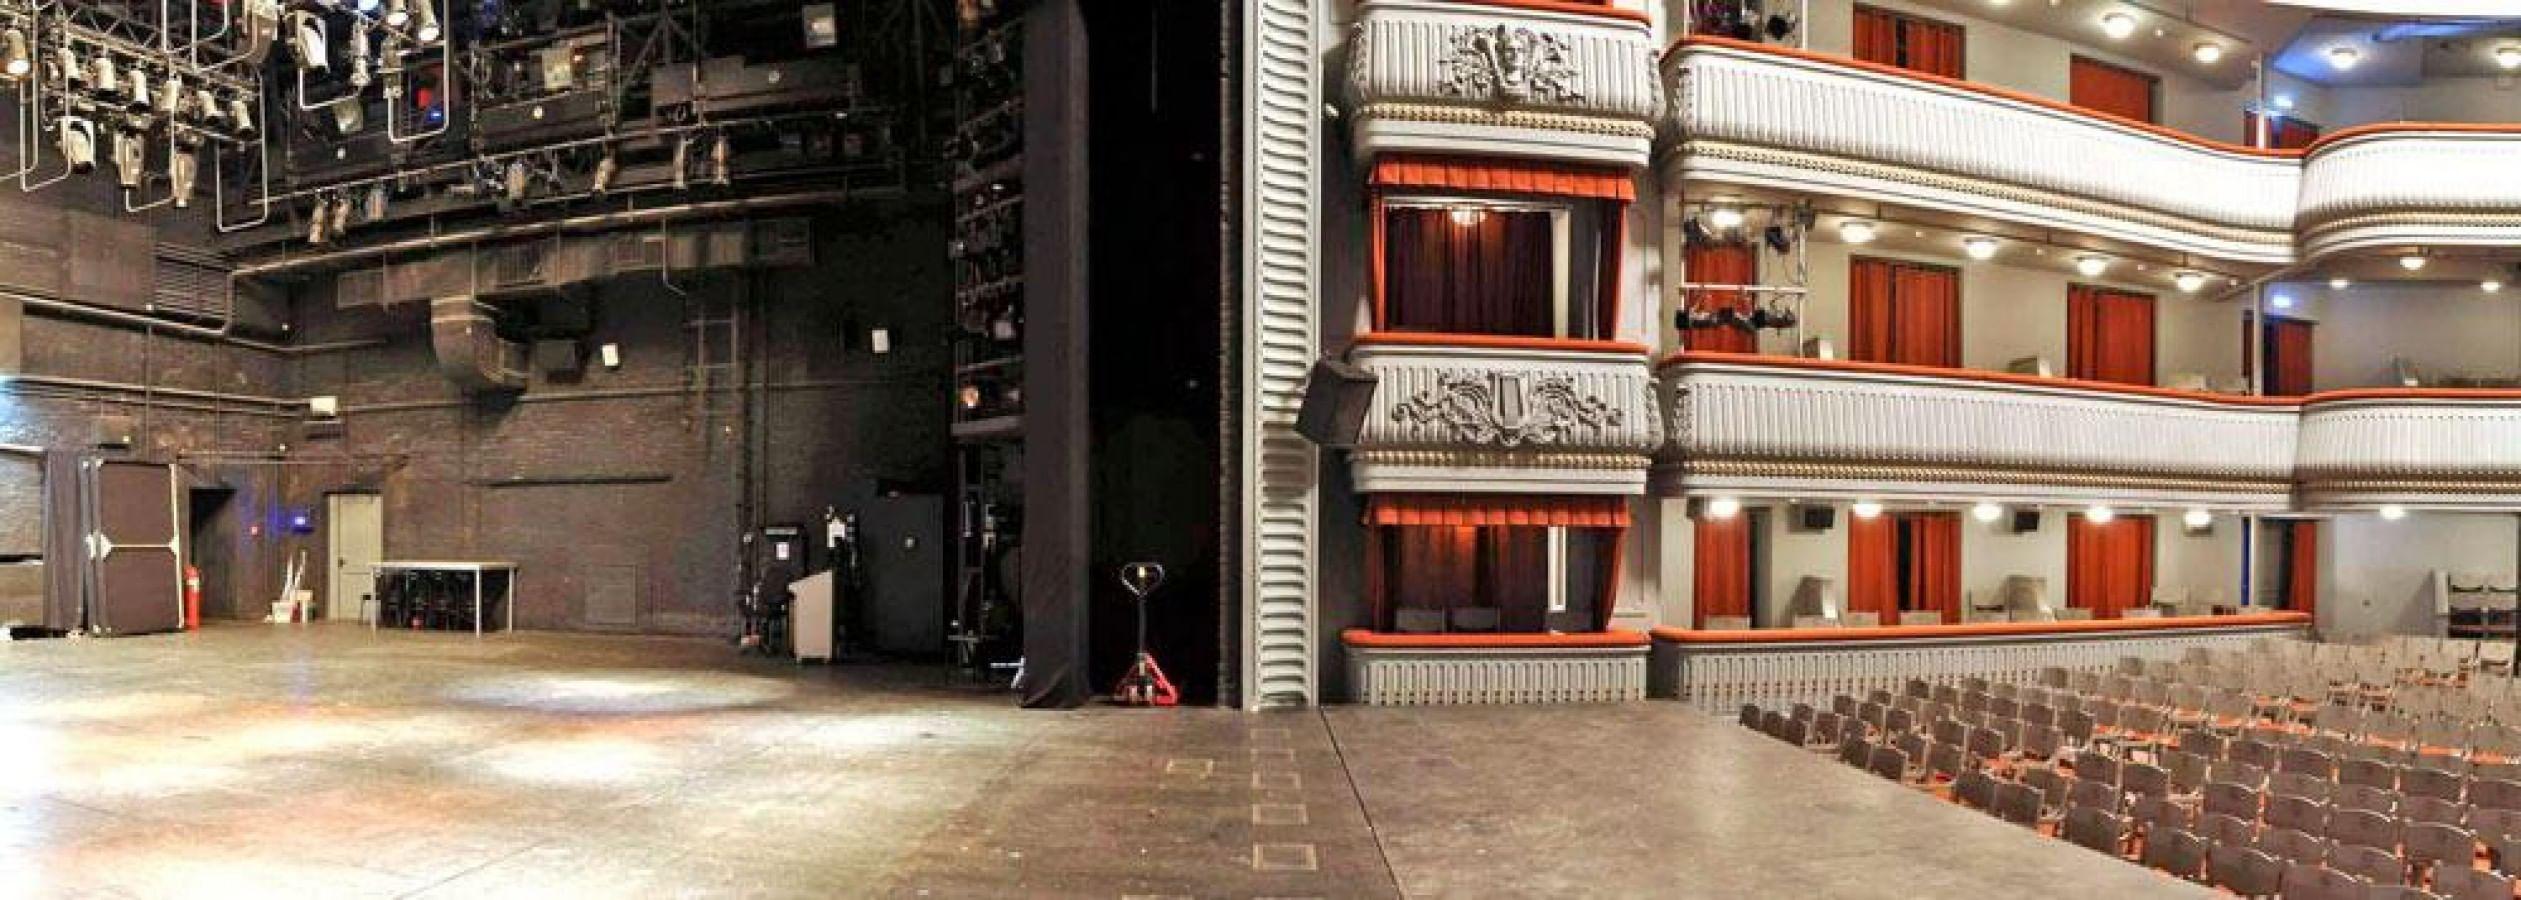 Театр наций  Википедия